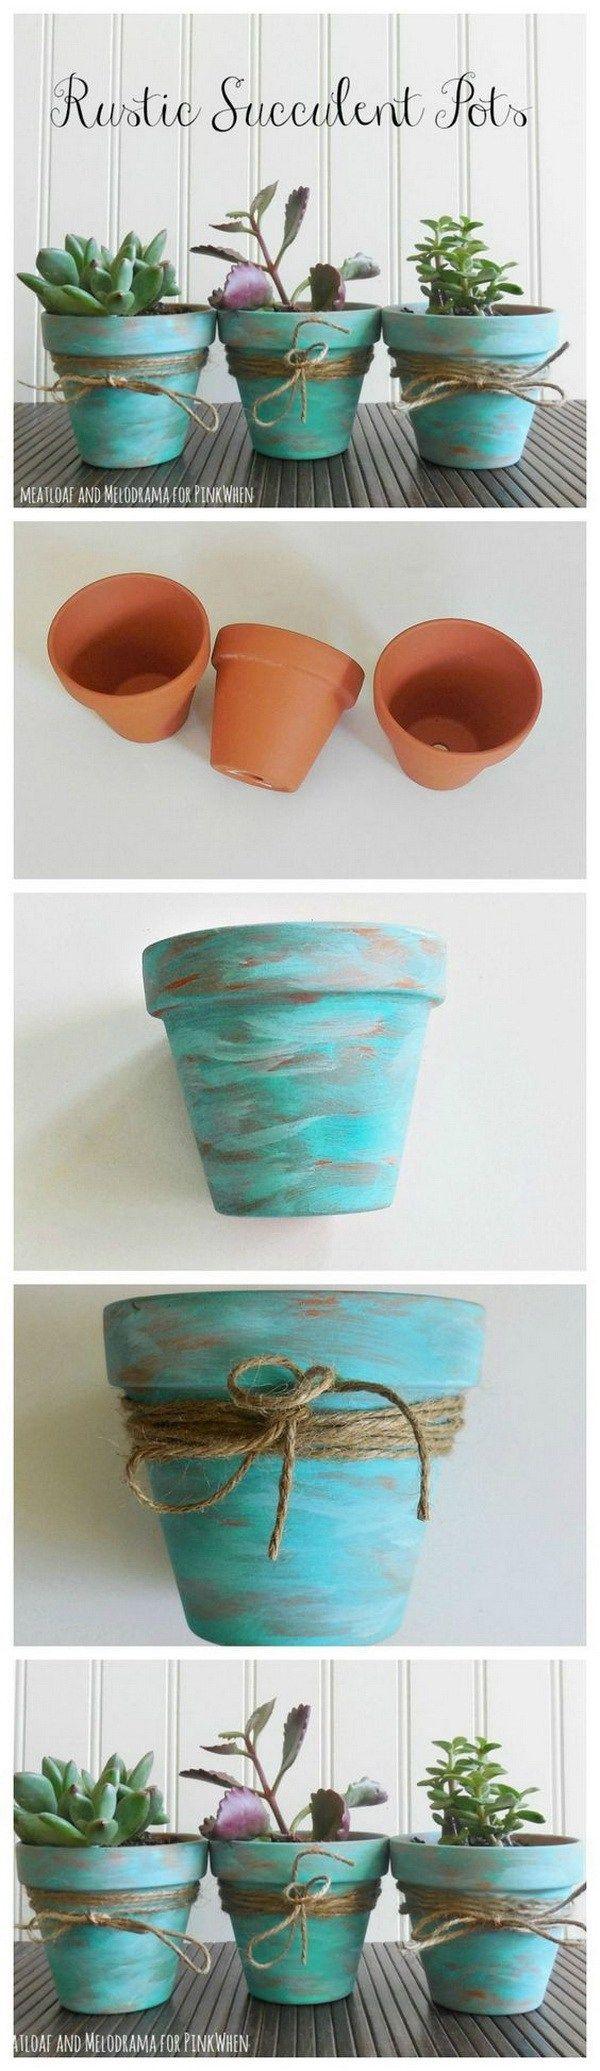 DIY Rustic Succulent Pots.